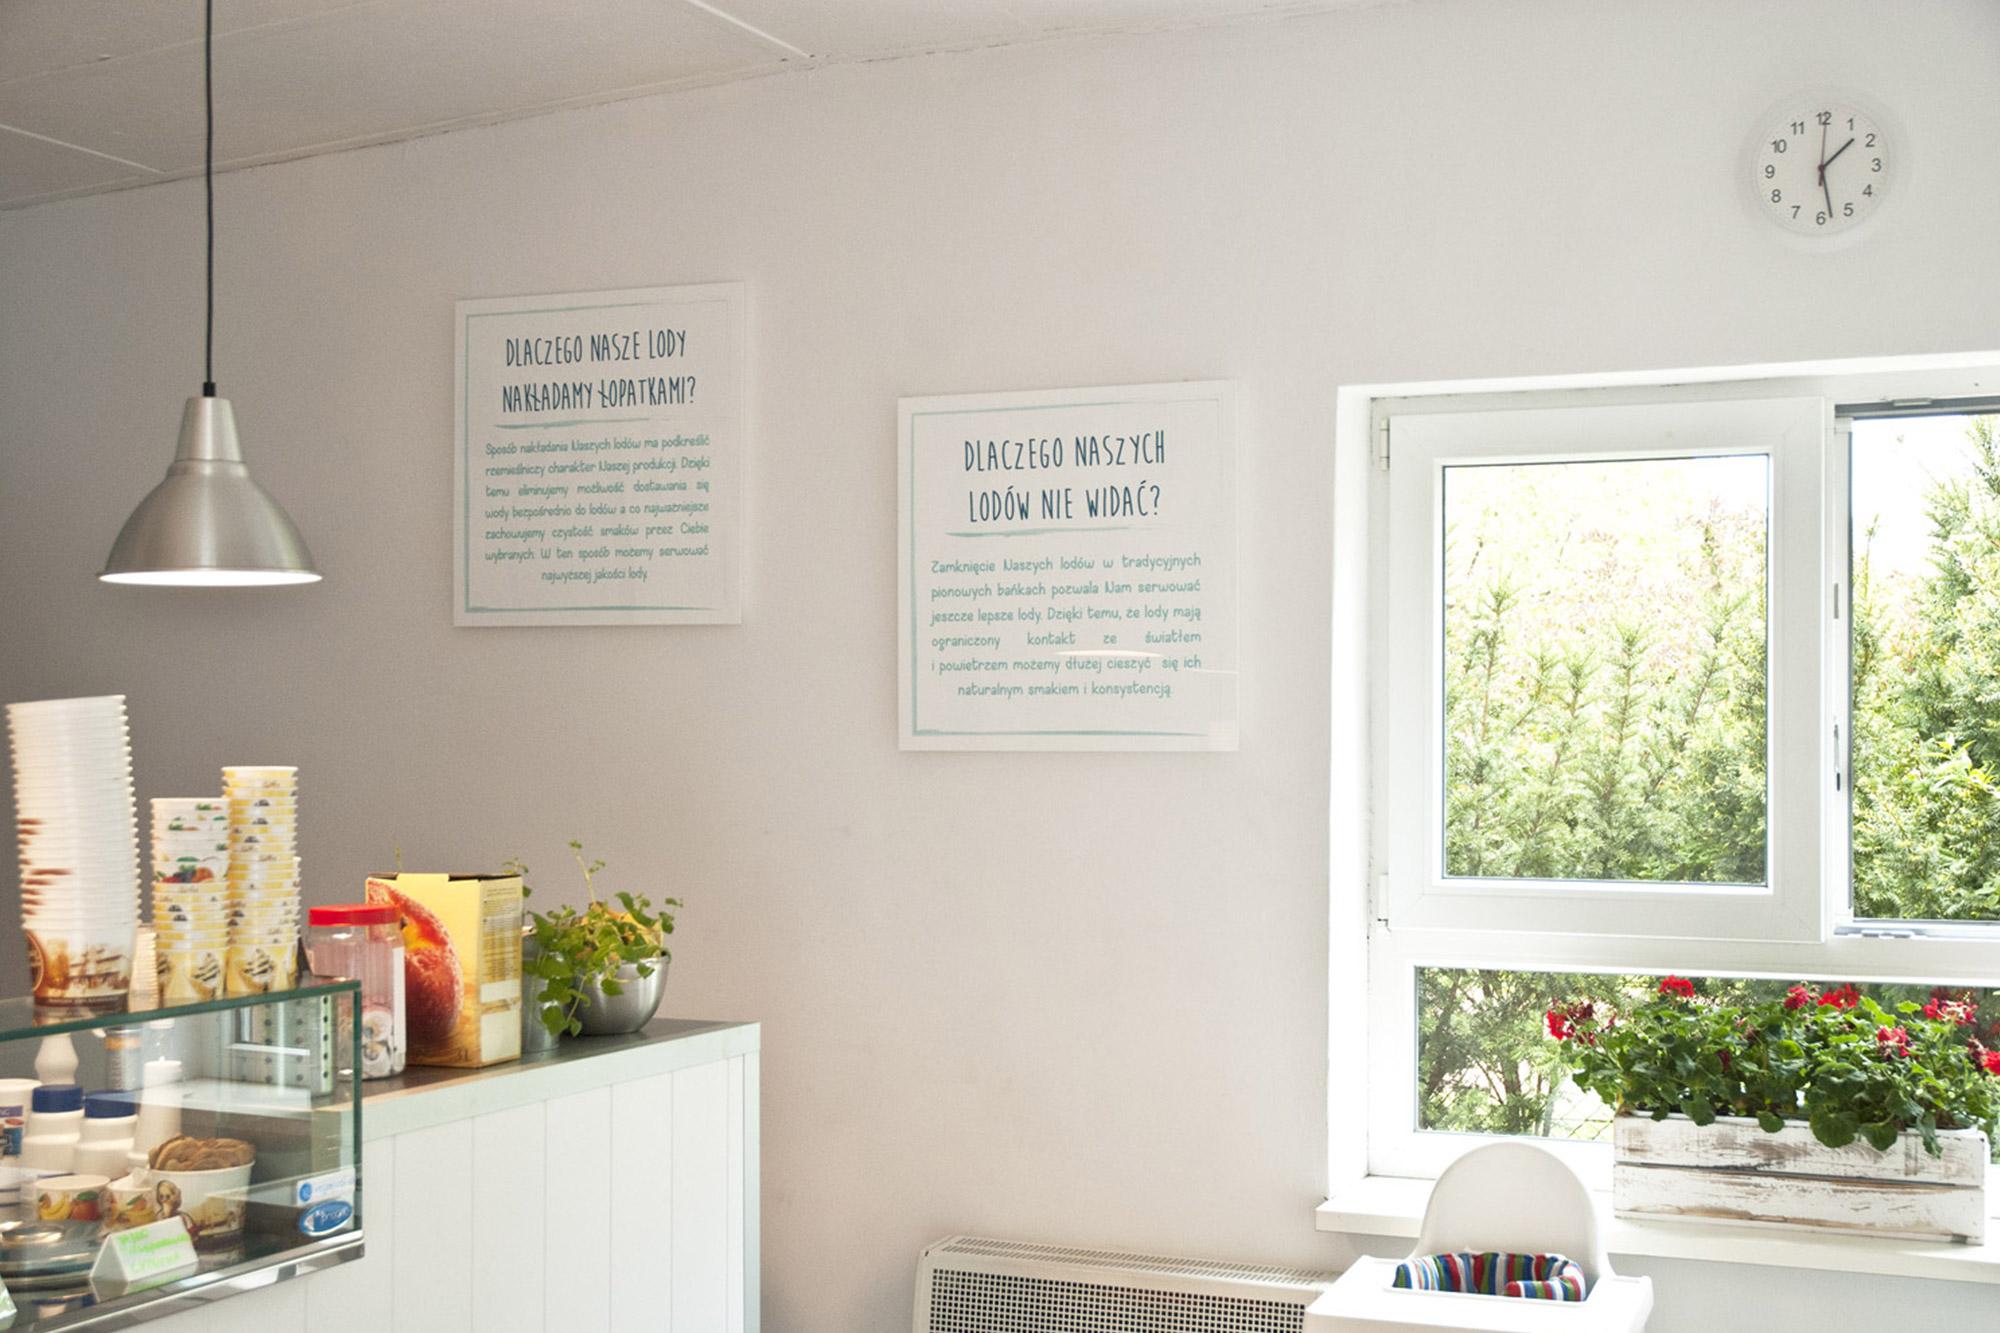 tablice wewnętrzne informacyjne drukowane na tworzywie